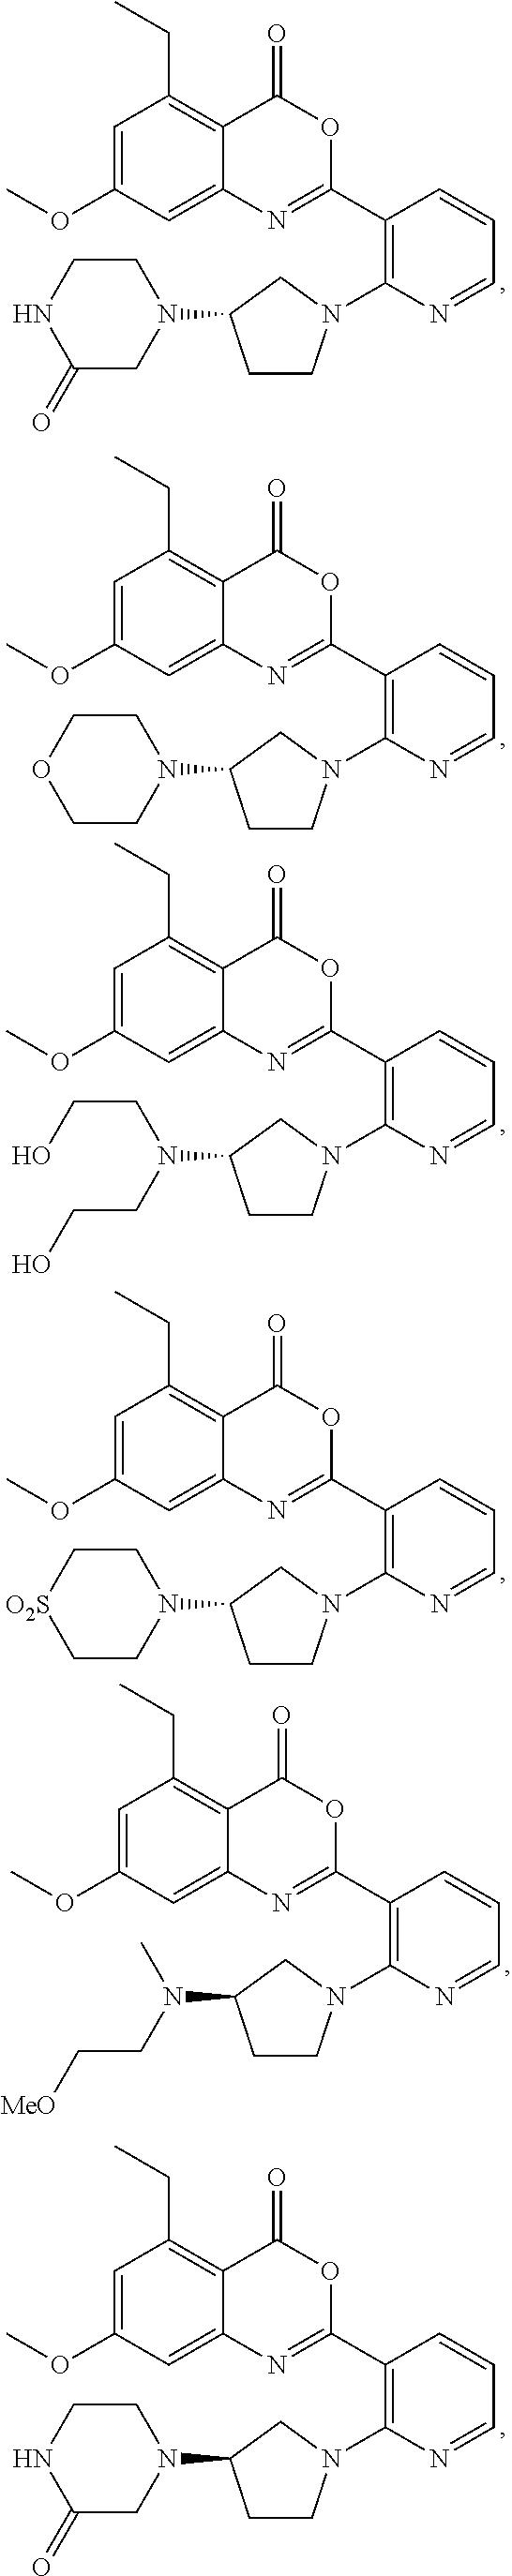 Figure US07879846-20110201-C00419